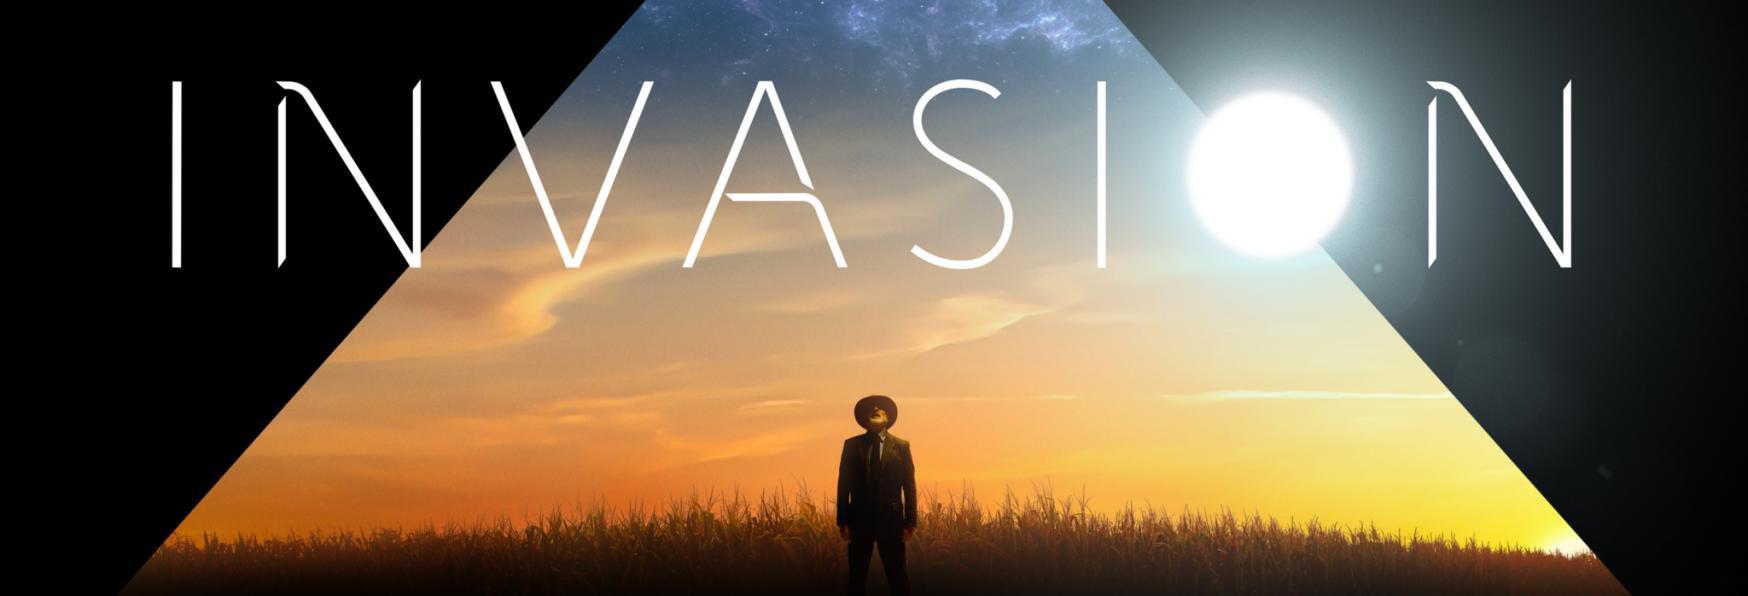 Invasion: svelata la Data di Uscita della nuova Serie TV Apple. Il Teaser